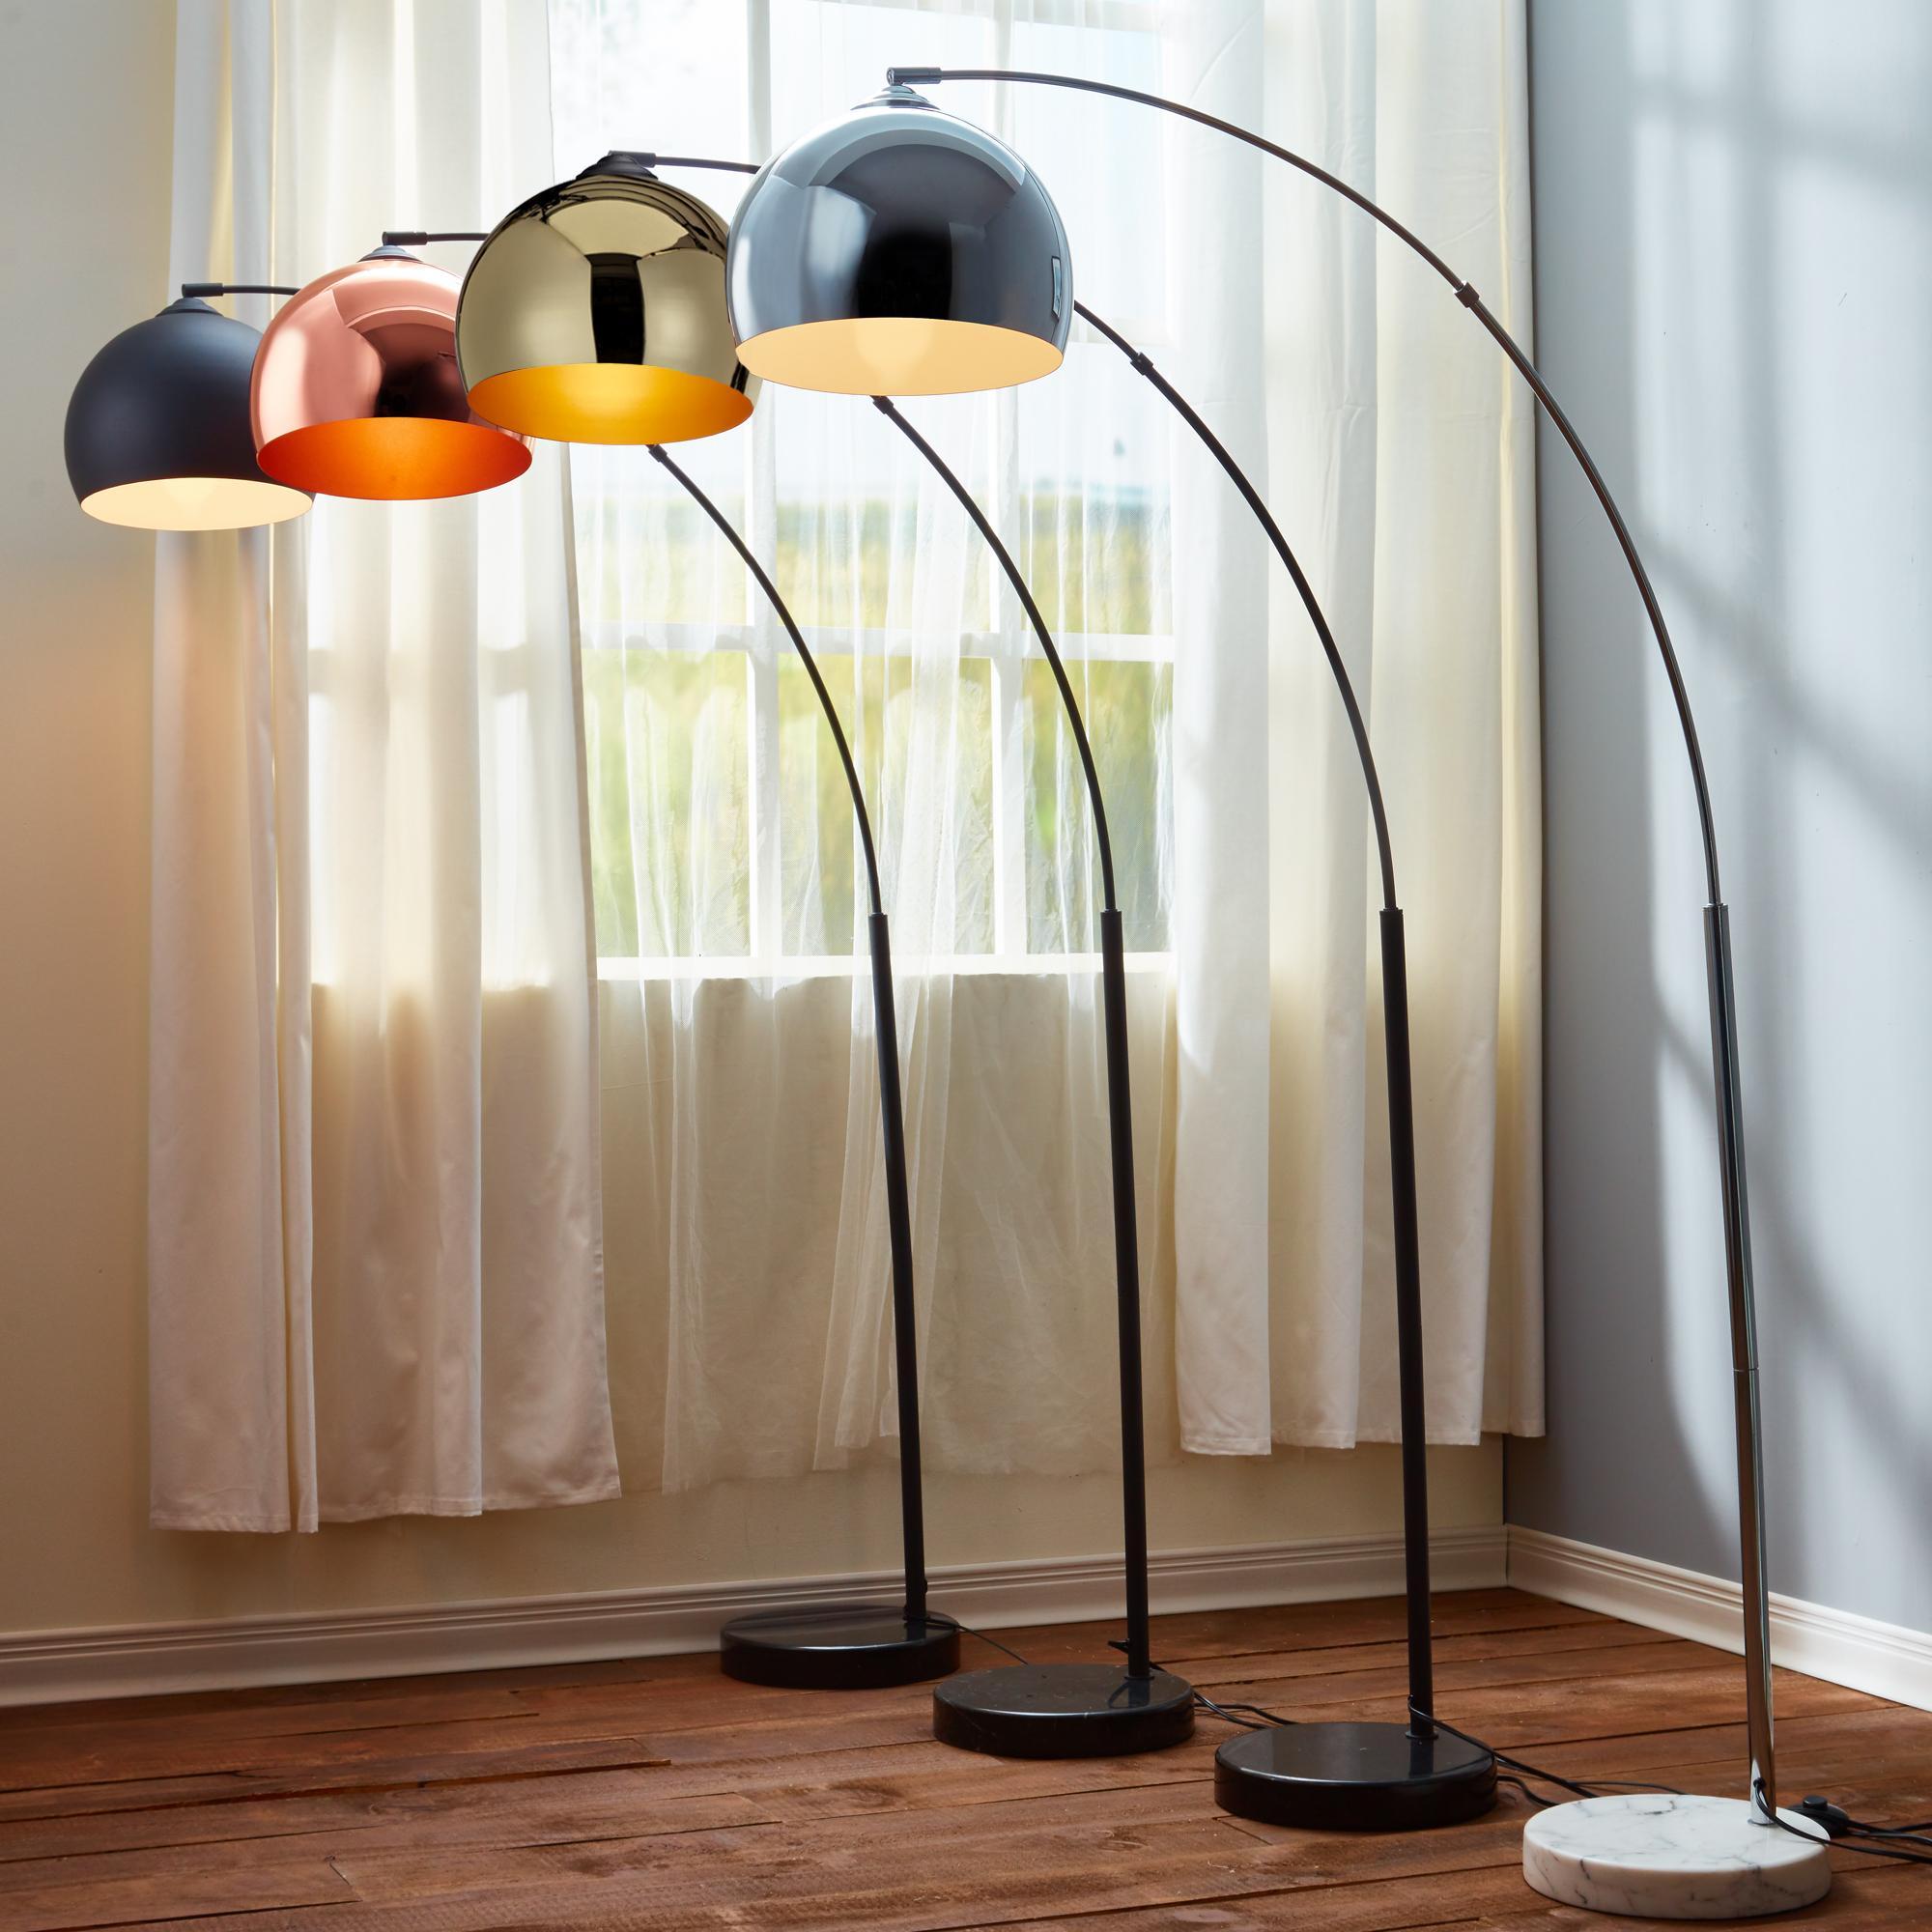 Versanora - Arquer 170cm Modern Arc Floor Lamp Reading Light for ...